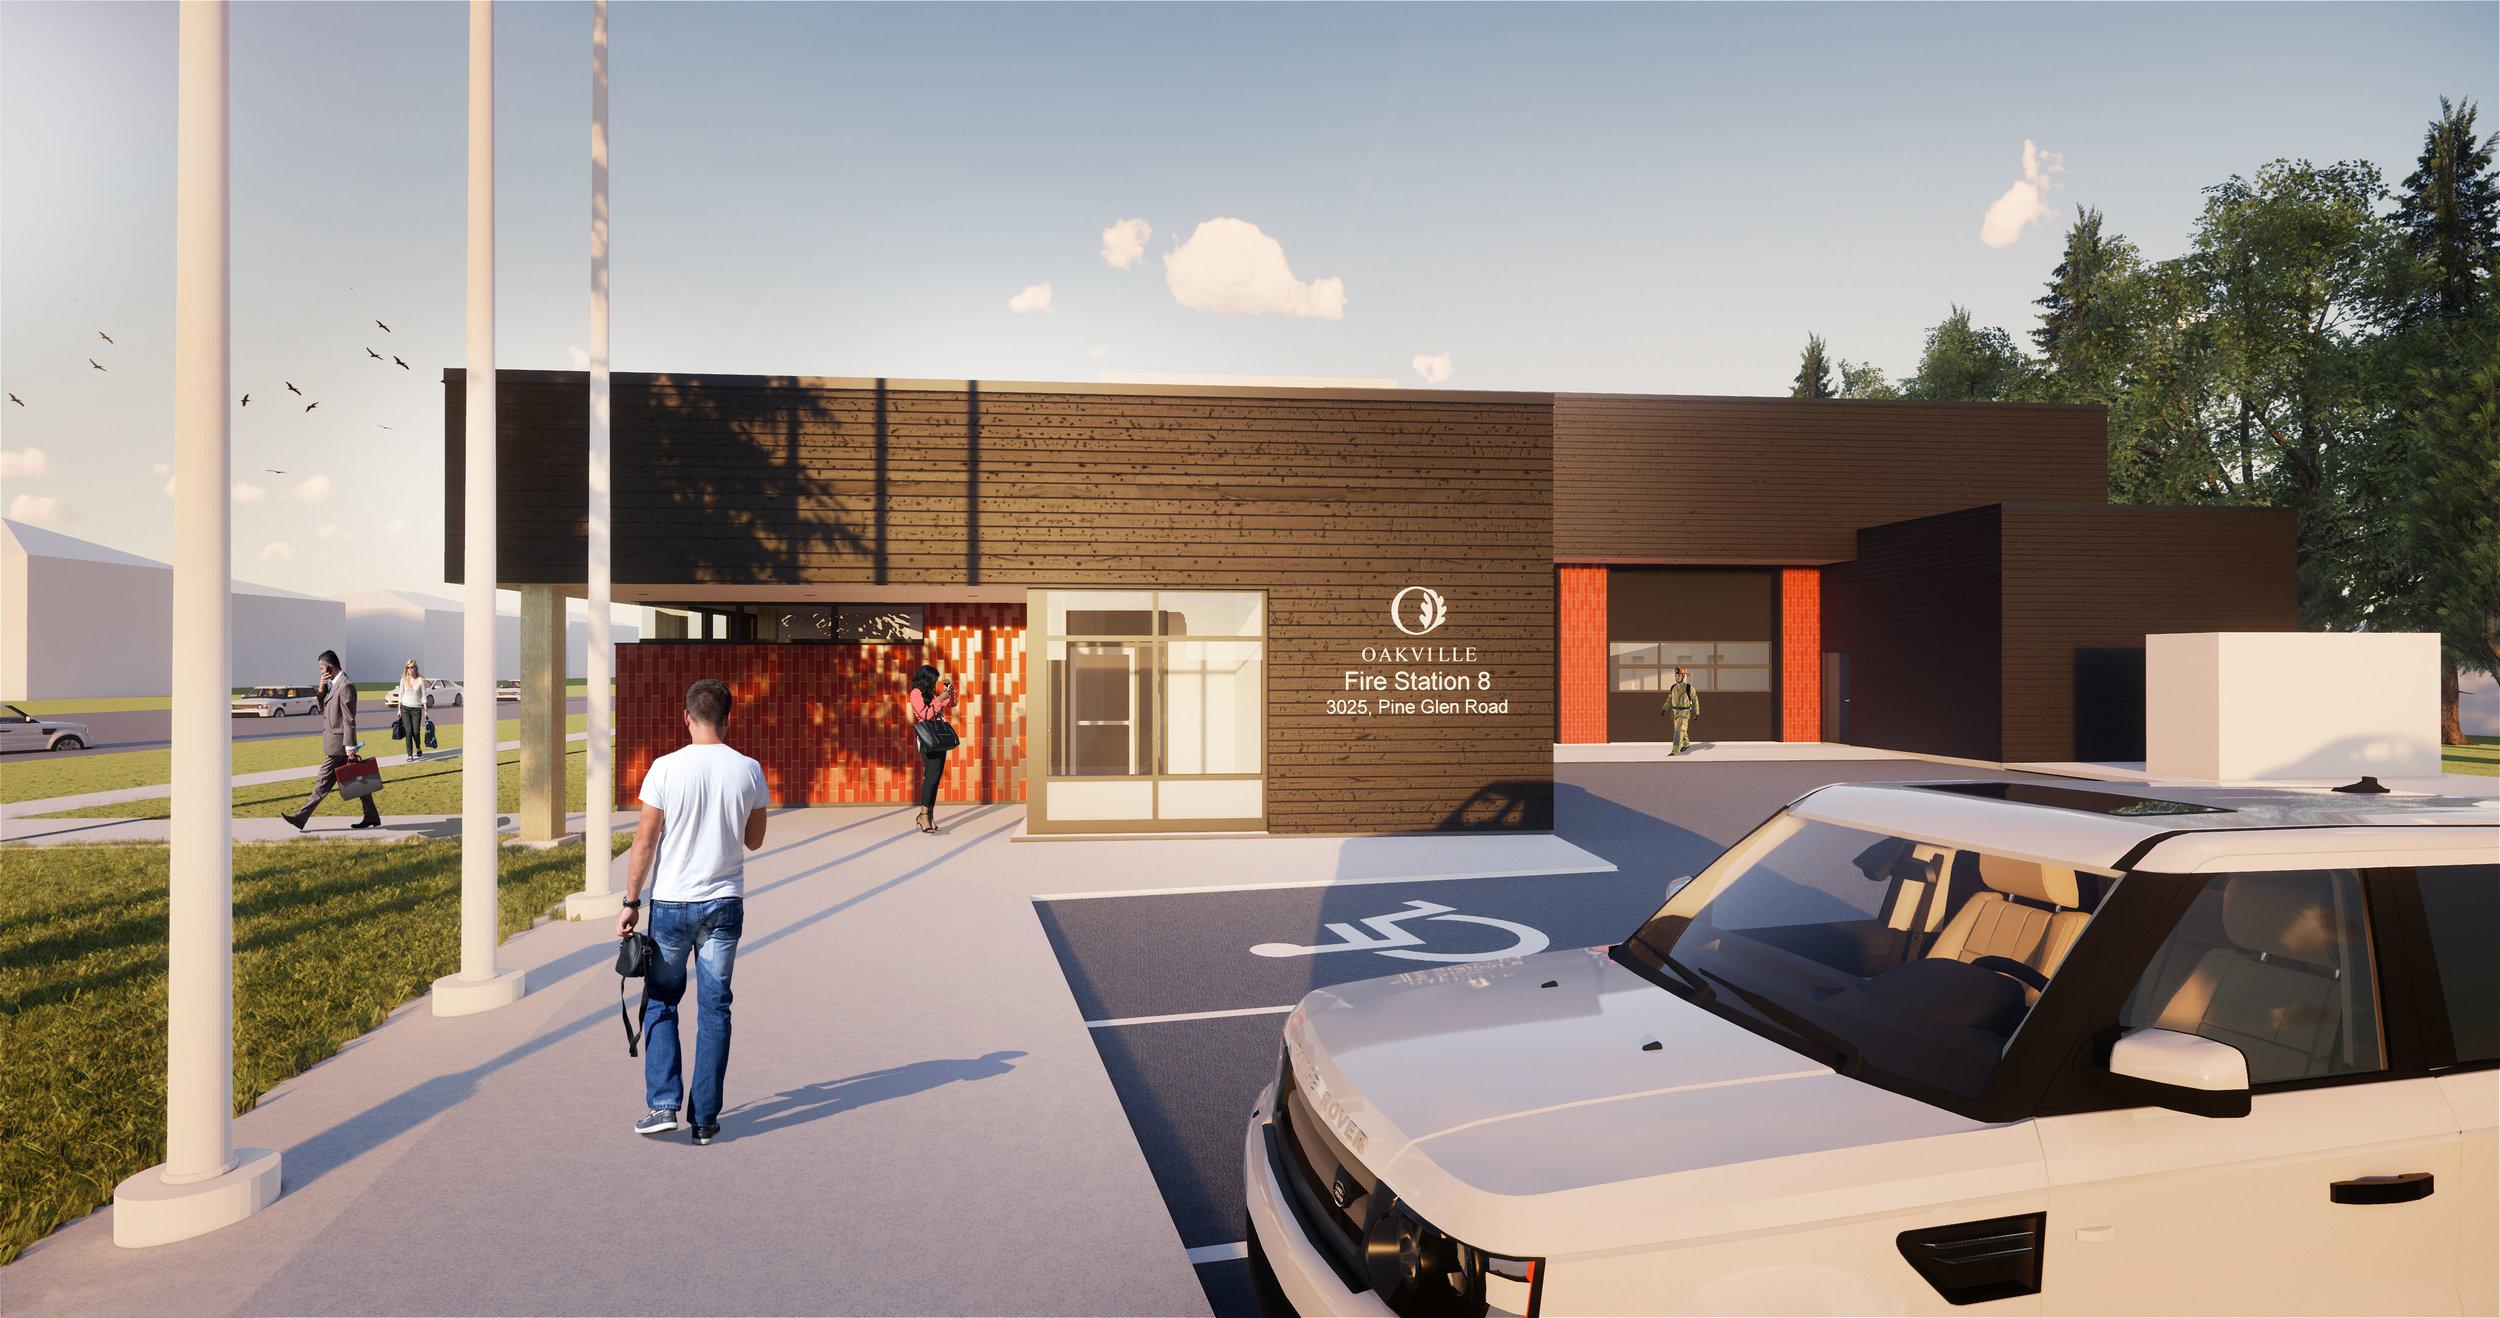 Oakville Firehall No8 Entrance Render.JPG